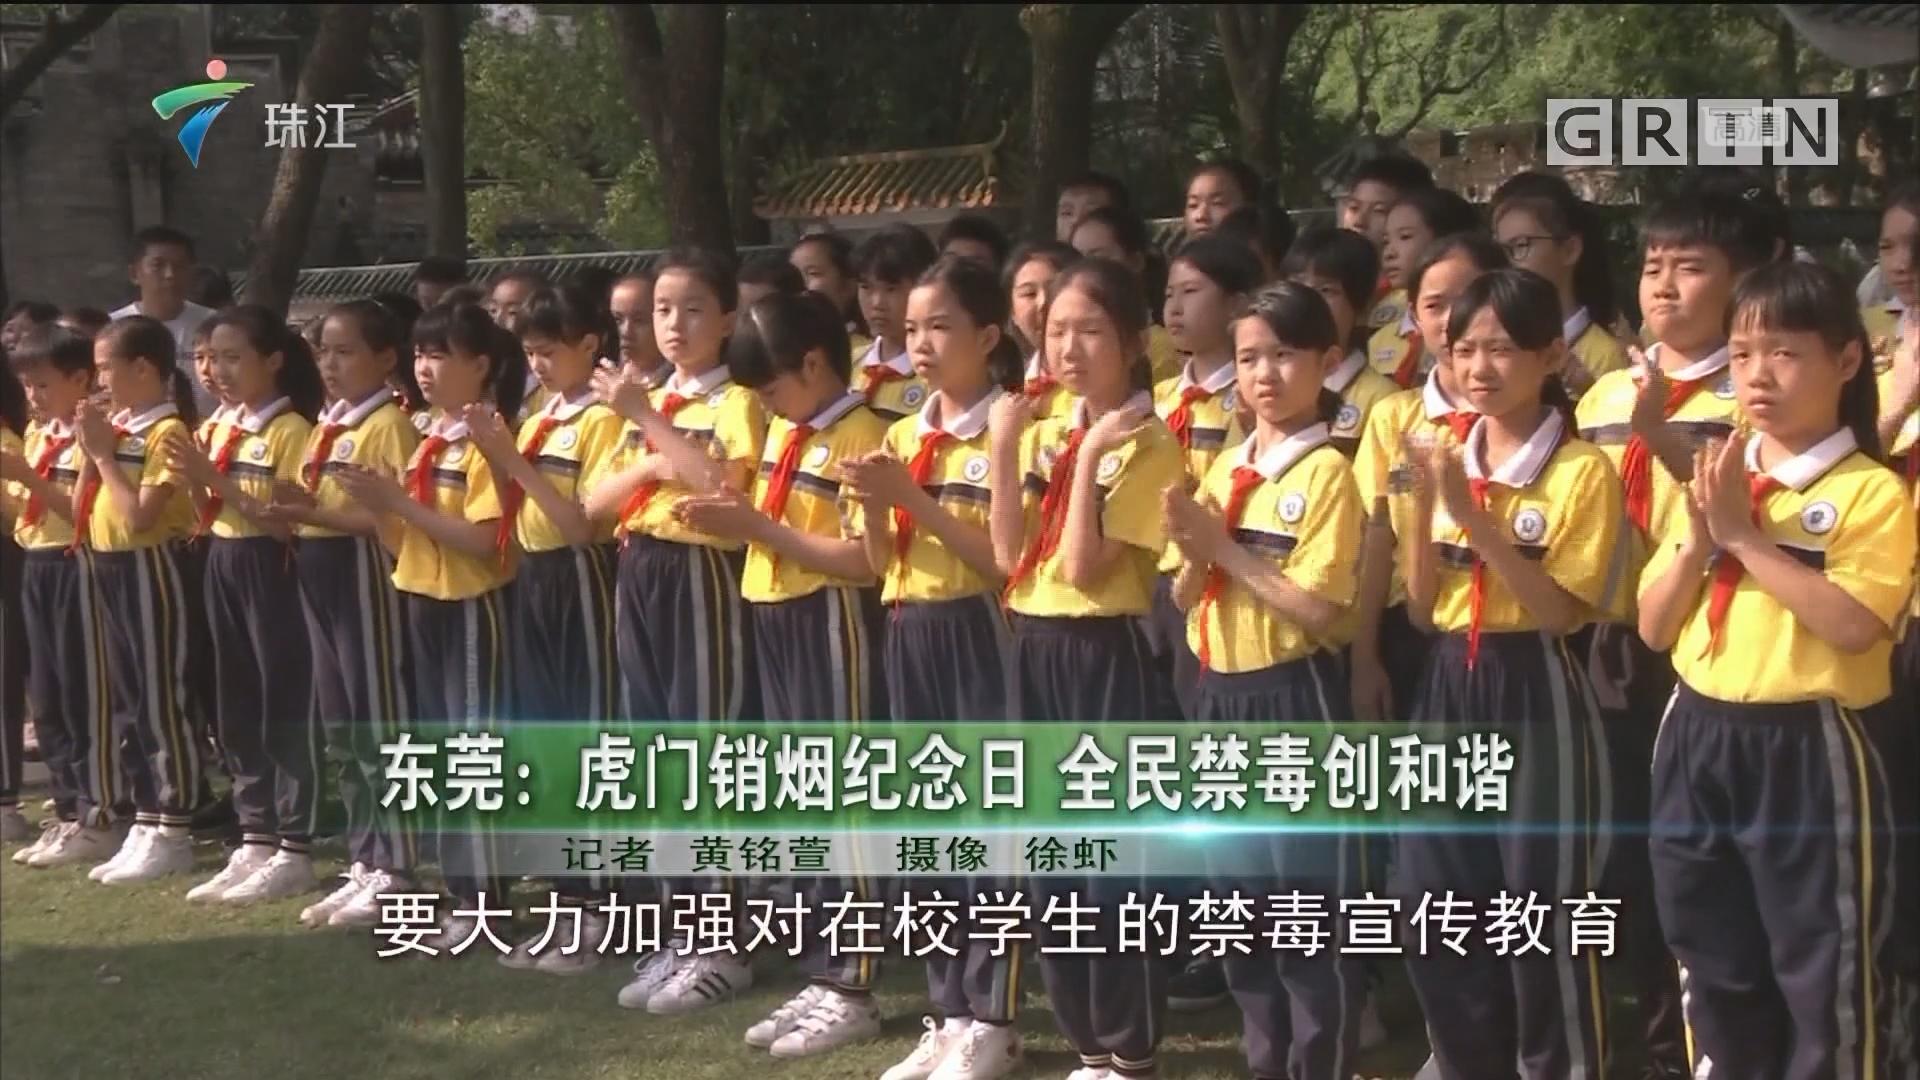 东莞:虎门销烟纪念日 全民禁毒创和谐